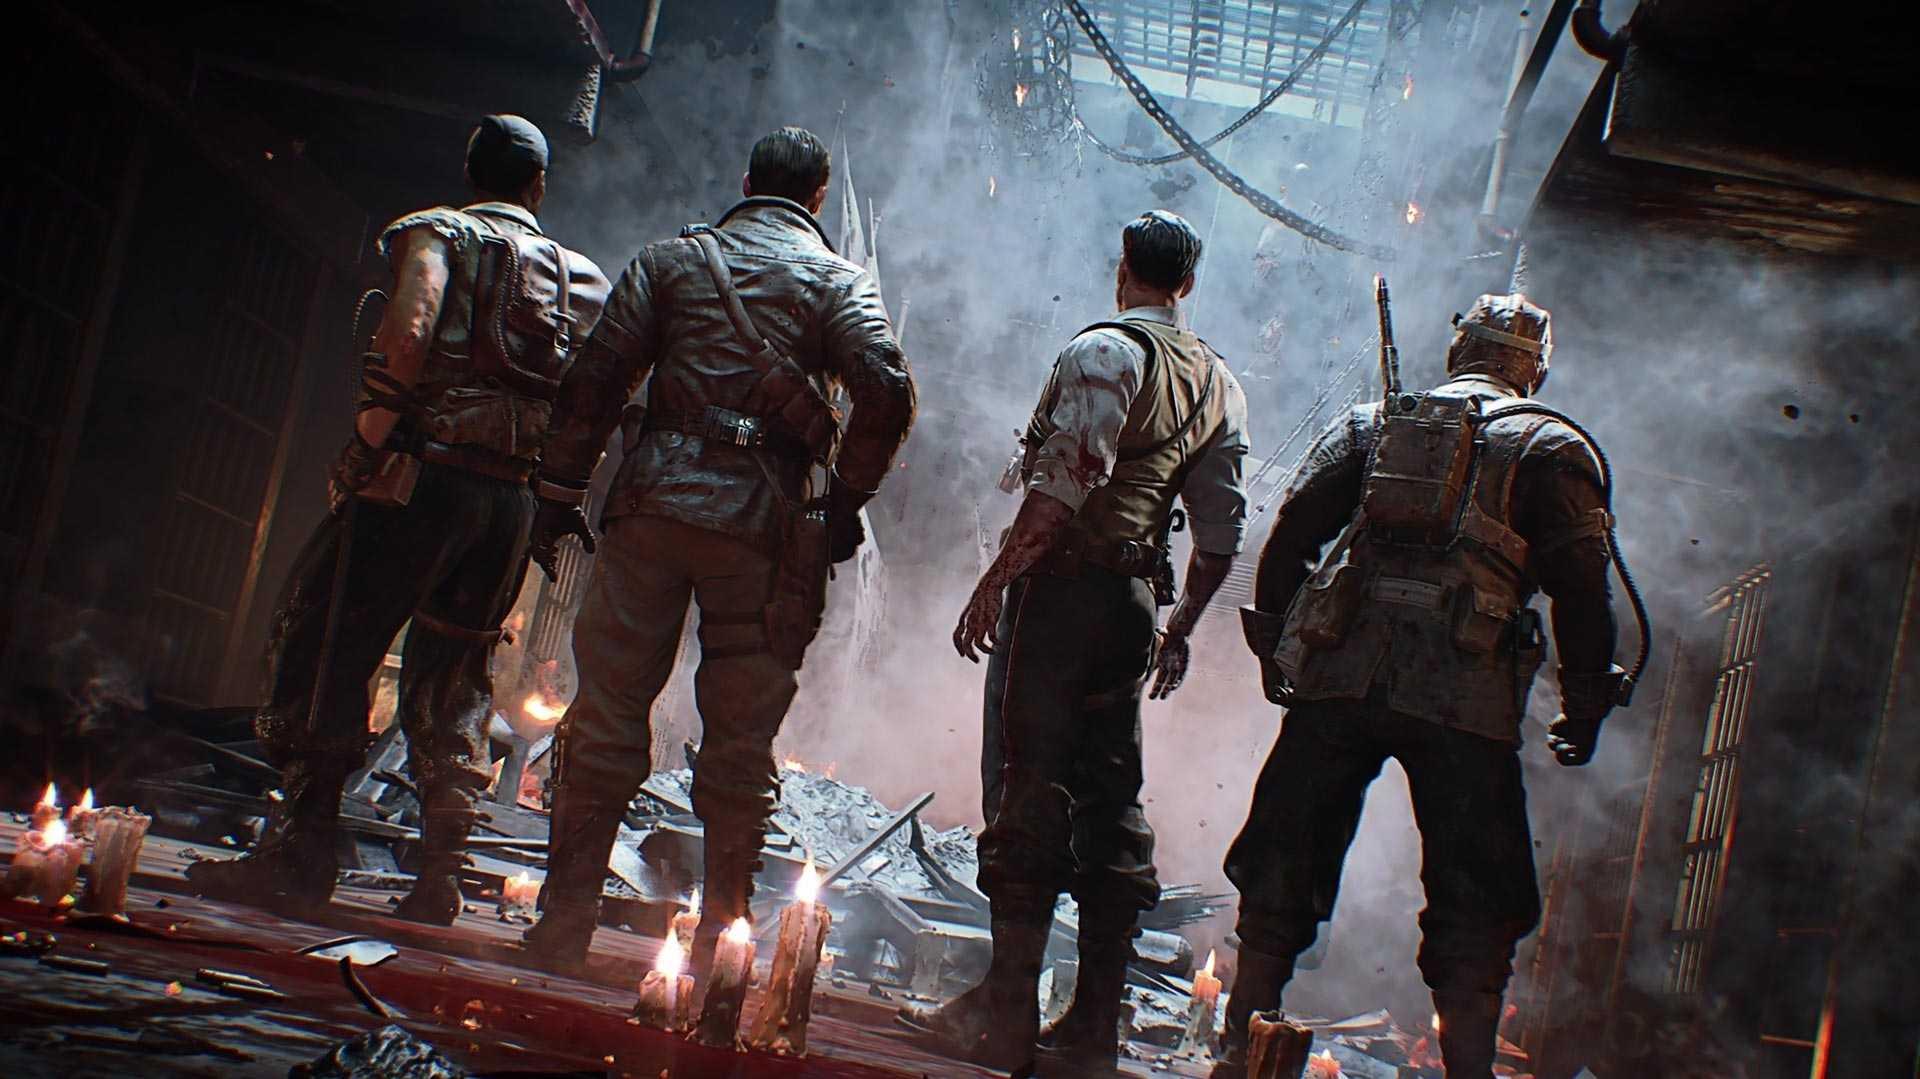 Call of Duty Black Ops 4 angespielt: Battle Royale statt Story-Spektakel